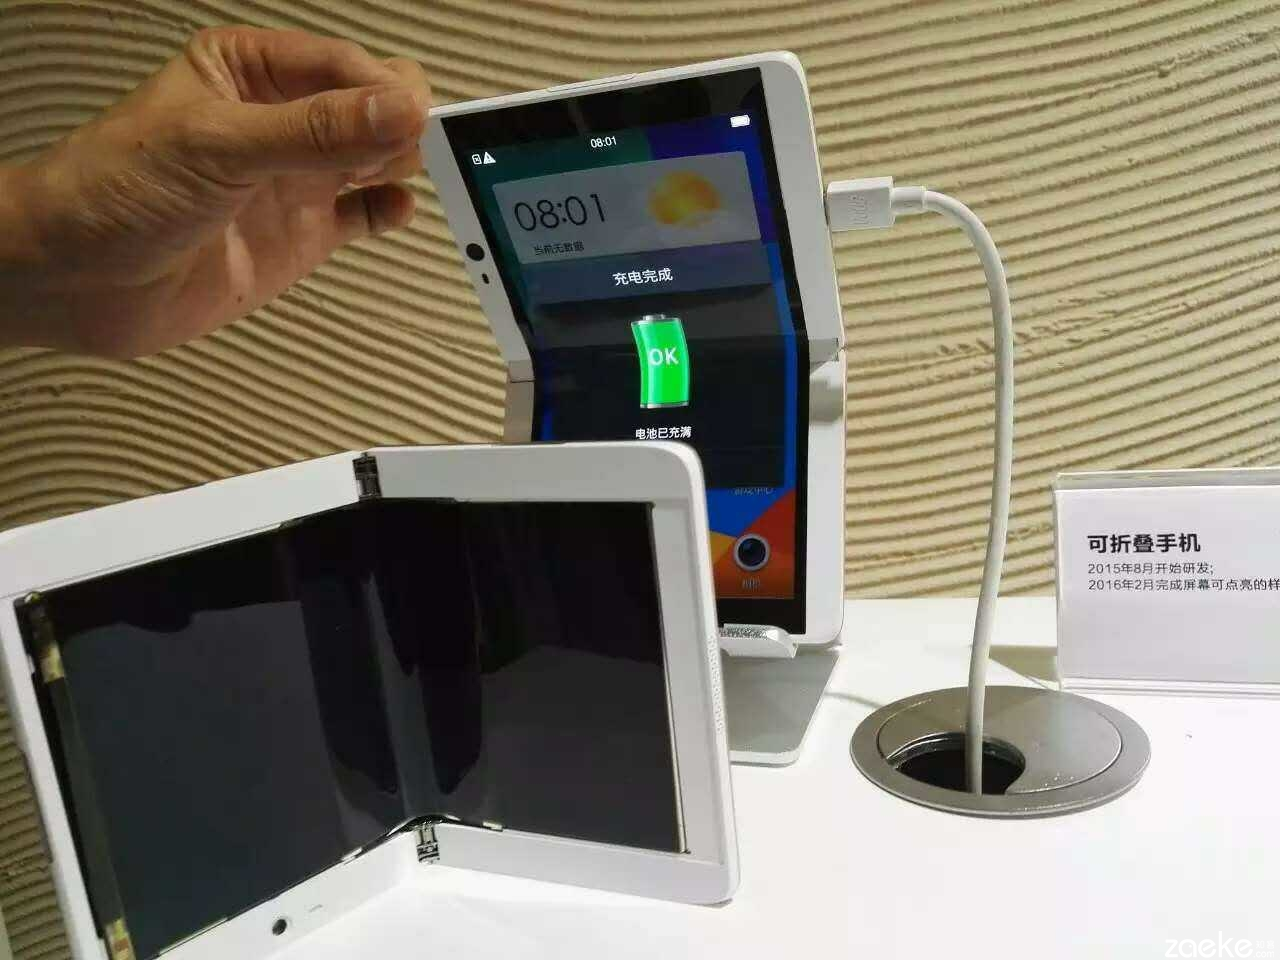 Oppo-folding-mobile-device Oppo prezinta un telefon ce ne aminteste de cele cu clapeta, marea diferenta fiind ecranul tactil pliabil din interior!